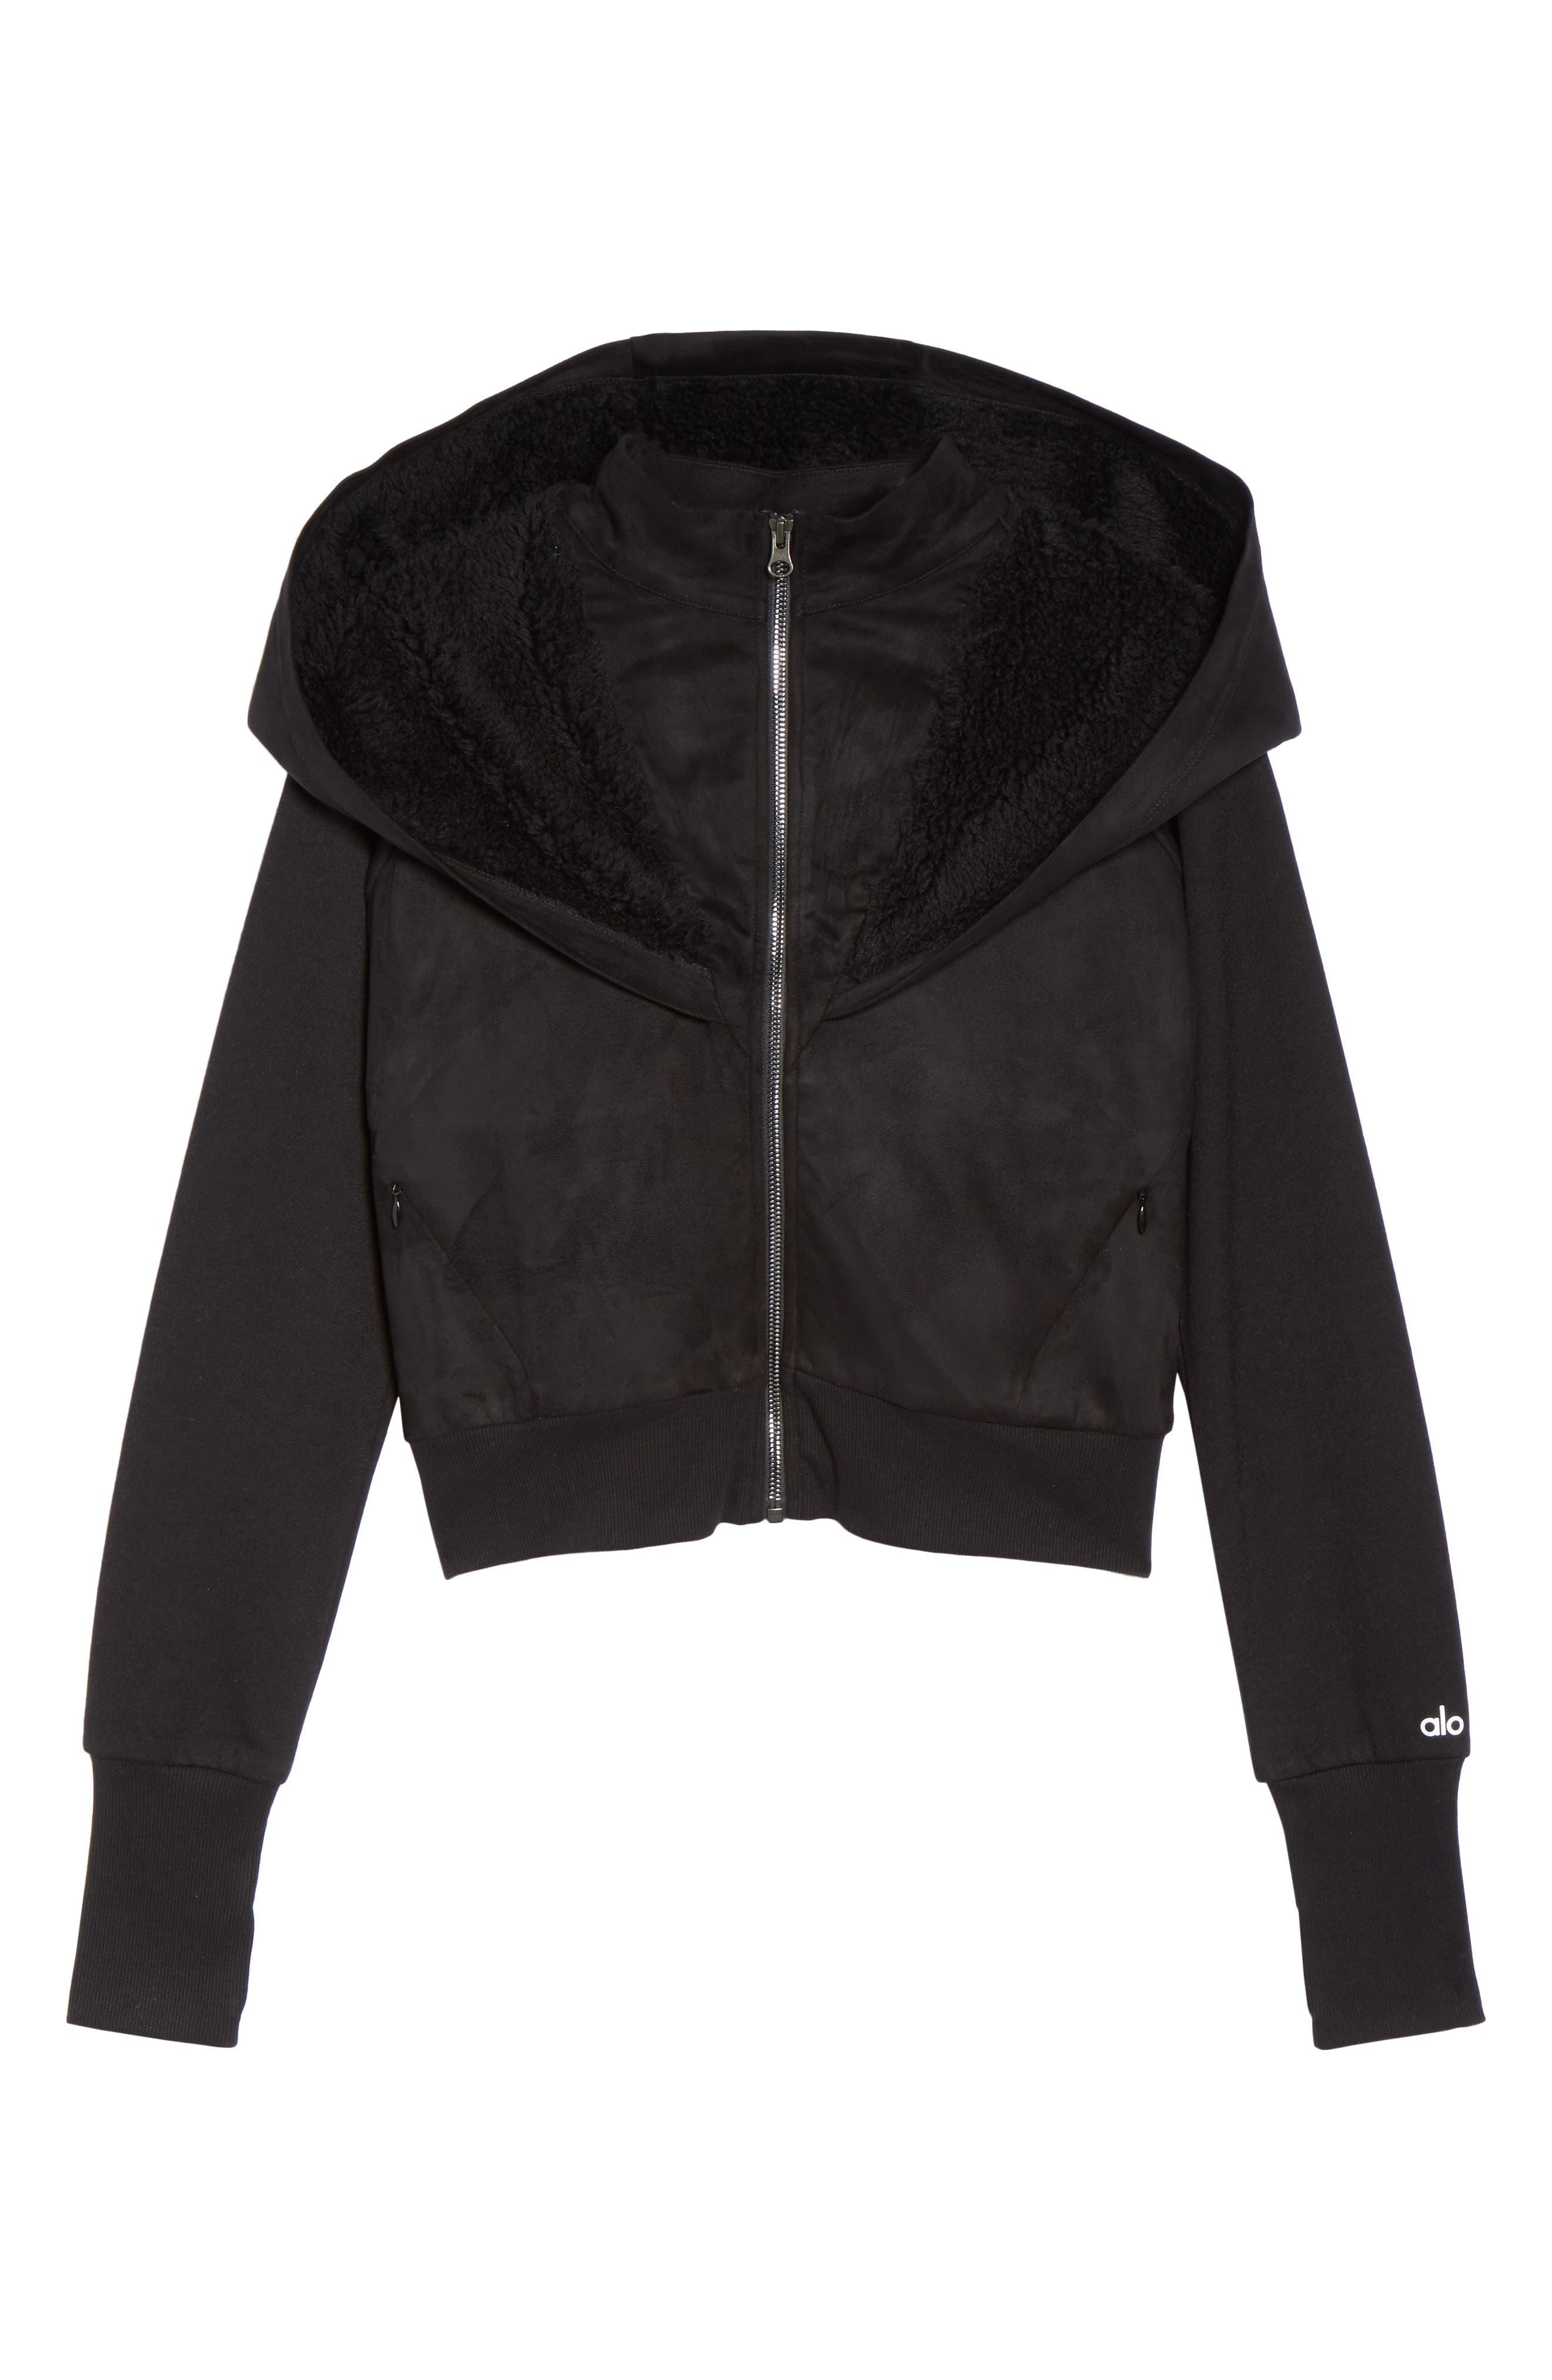 LA Winter Faux Fur Lined Jacket,                             Alternate thumbnail 7, color,                             001